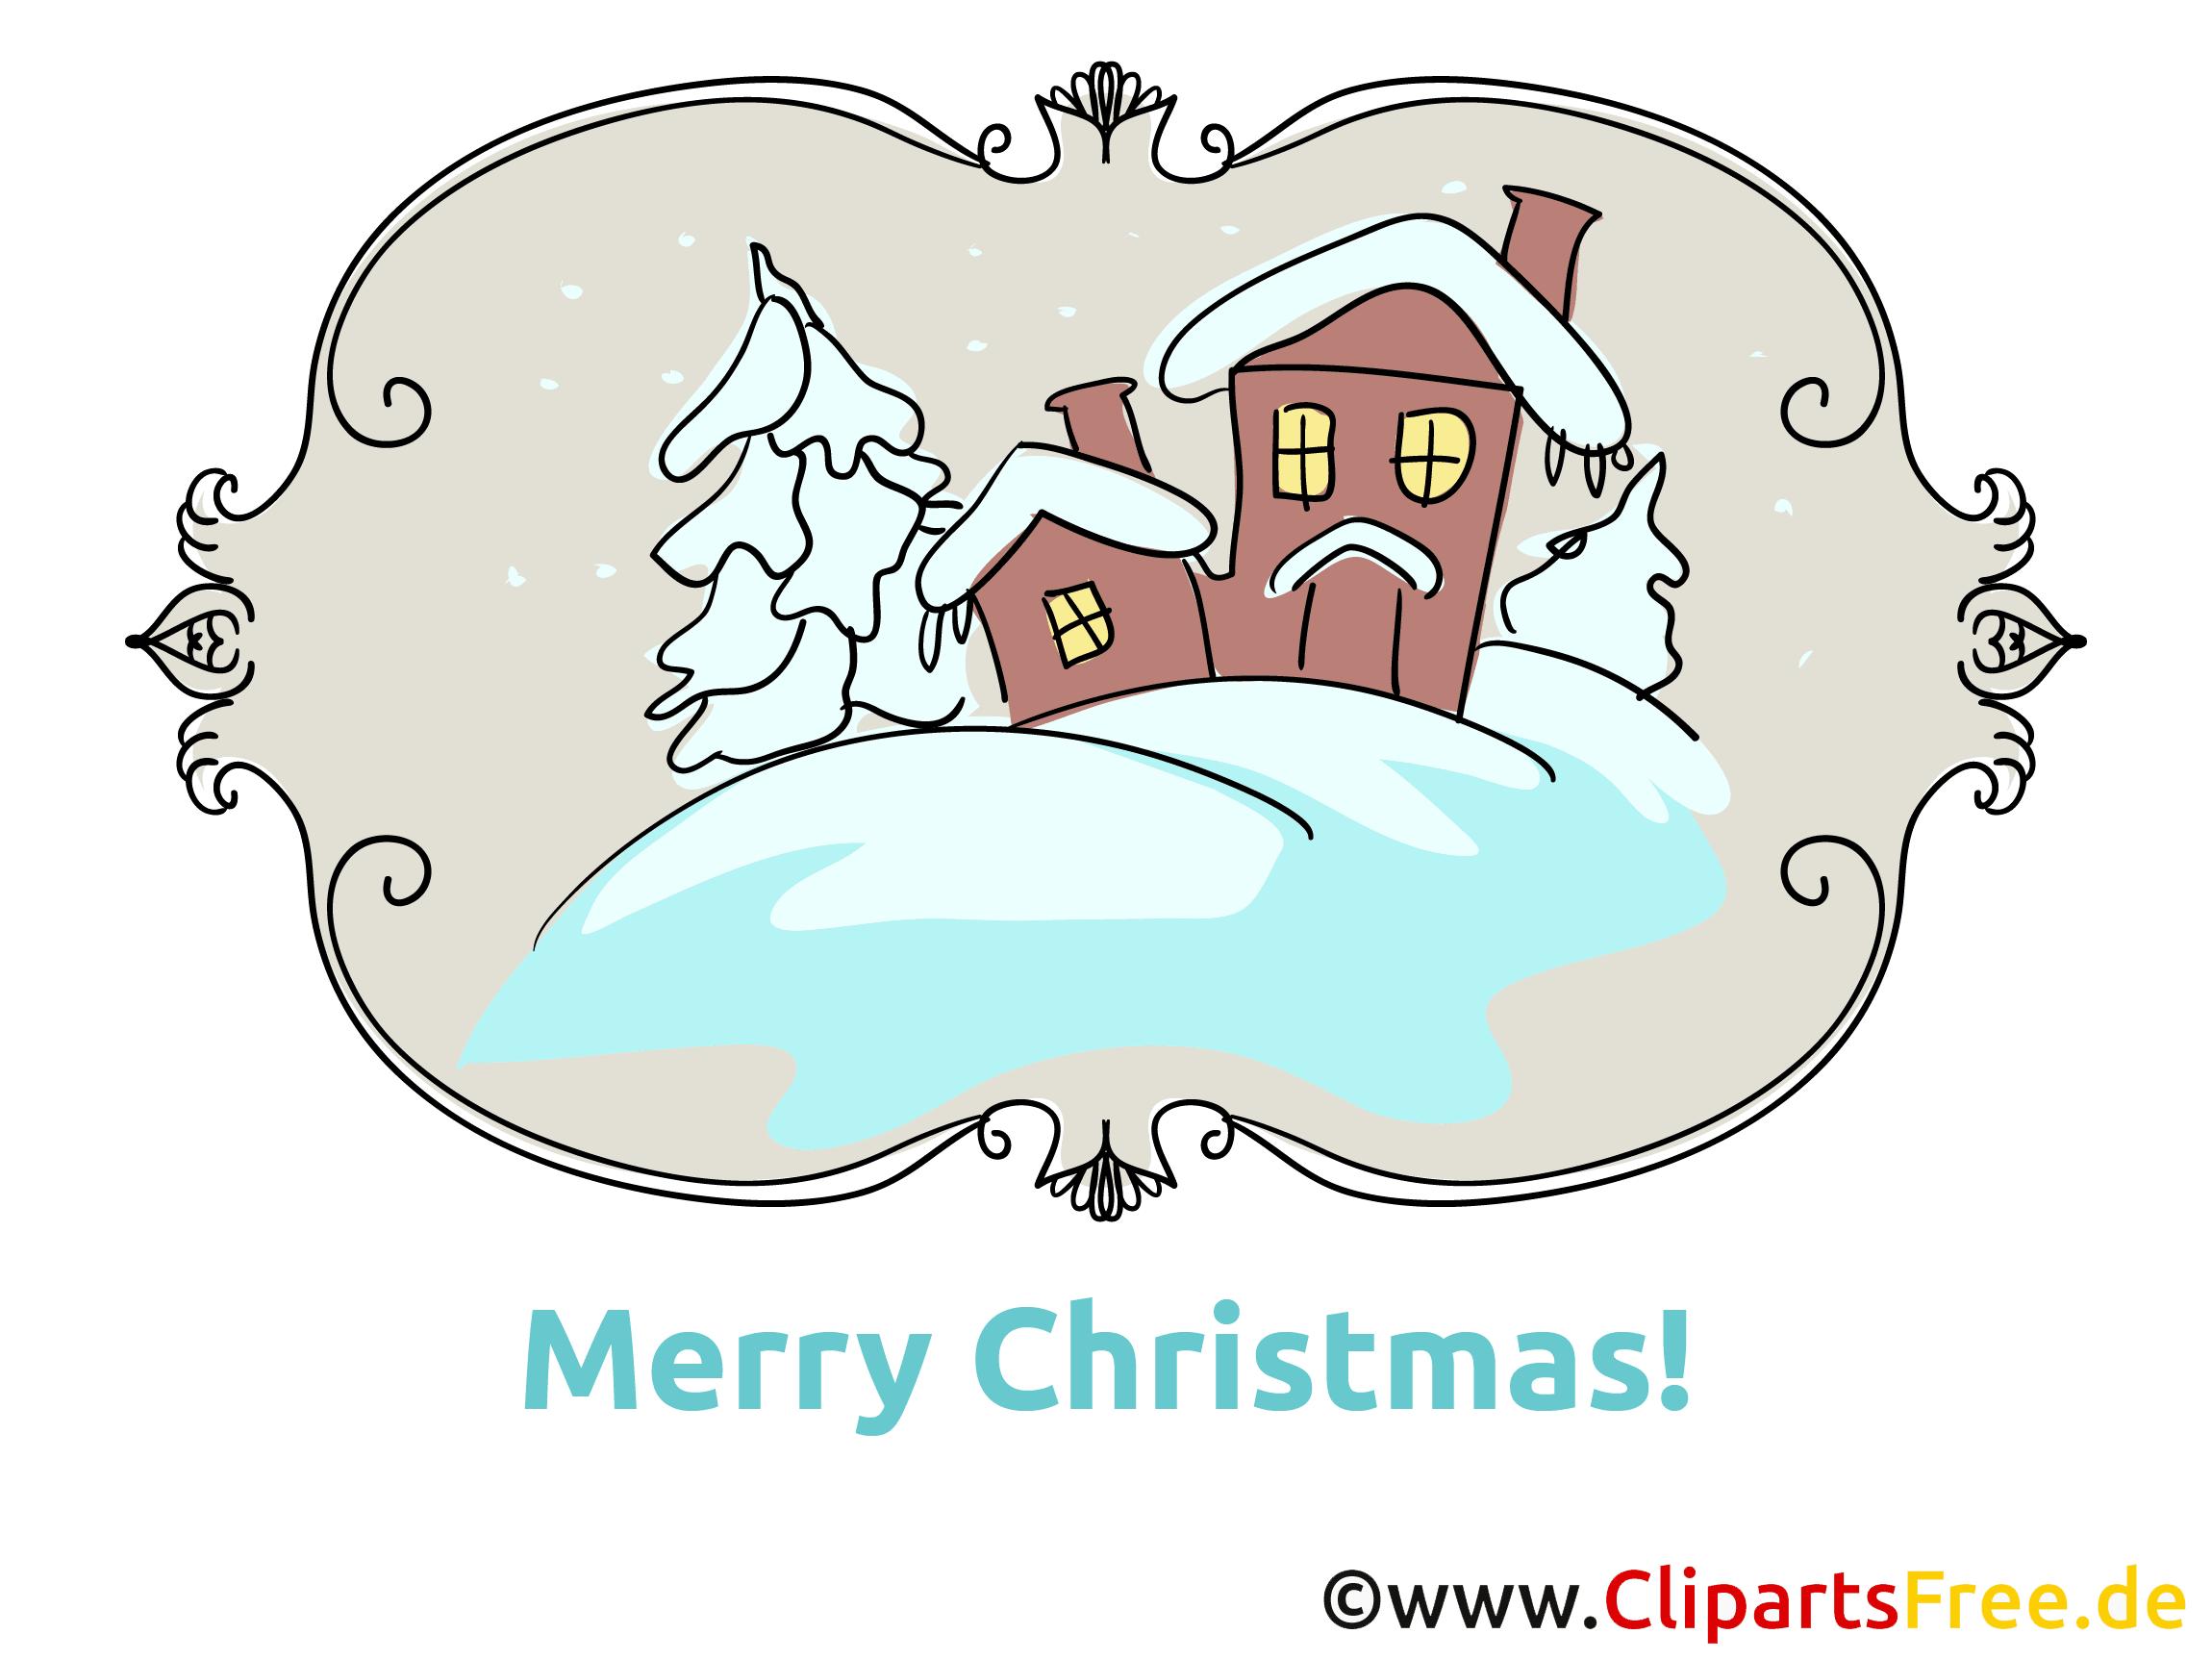 Gratis Weihnachtskarten Verschicken.Virtuelle Weihnachtskarten Gratis Online Verschicken Merry